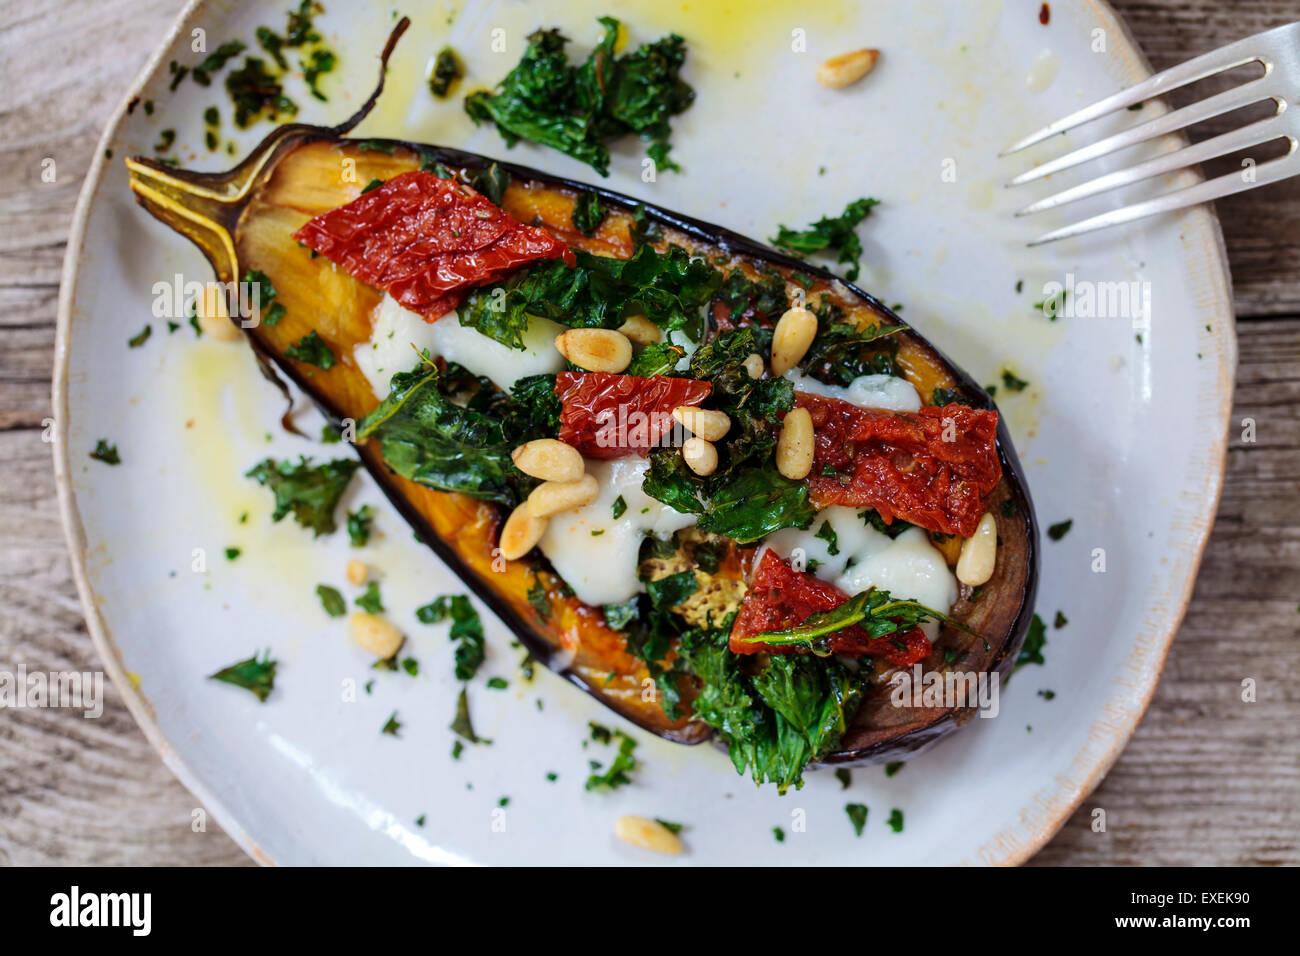 Melanzane arrosto con formaggio di capra, croccante kale, pomodori secchi e pinoli Immagini Stock